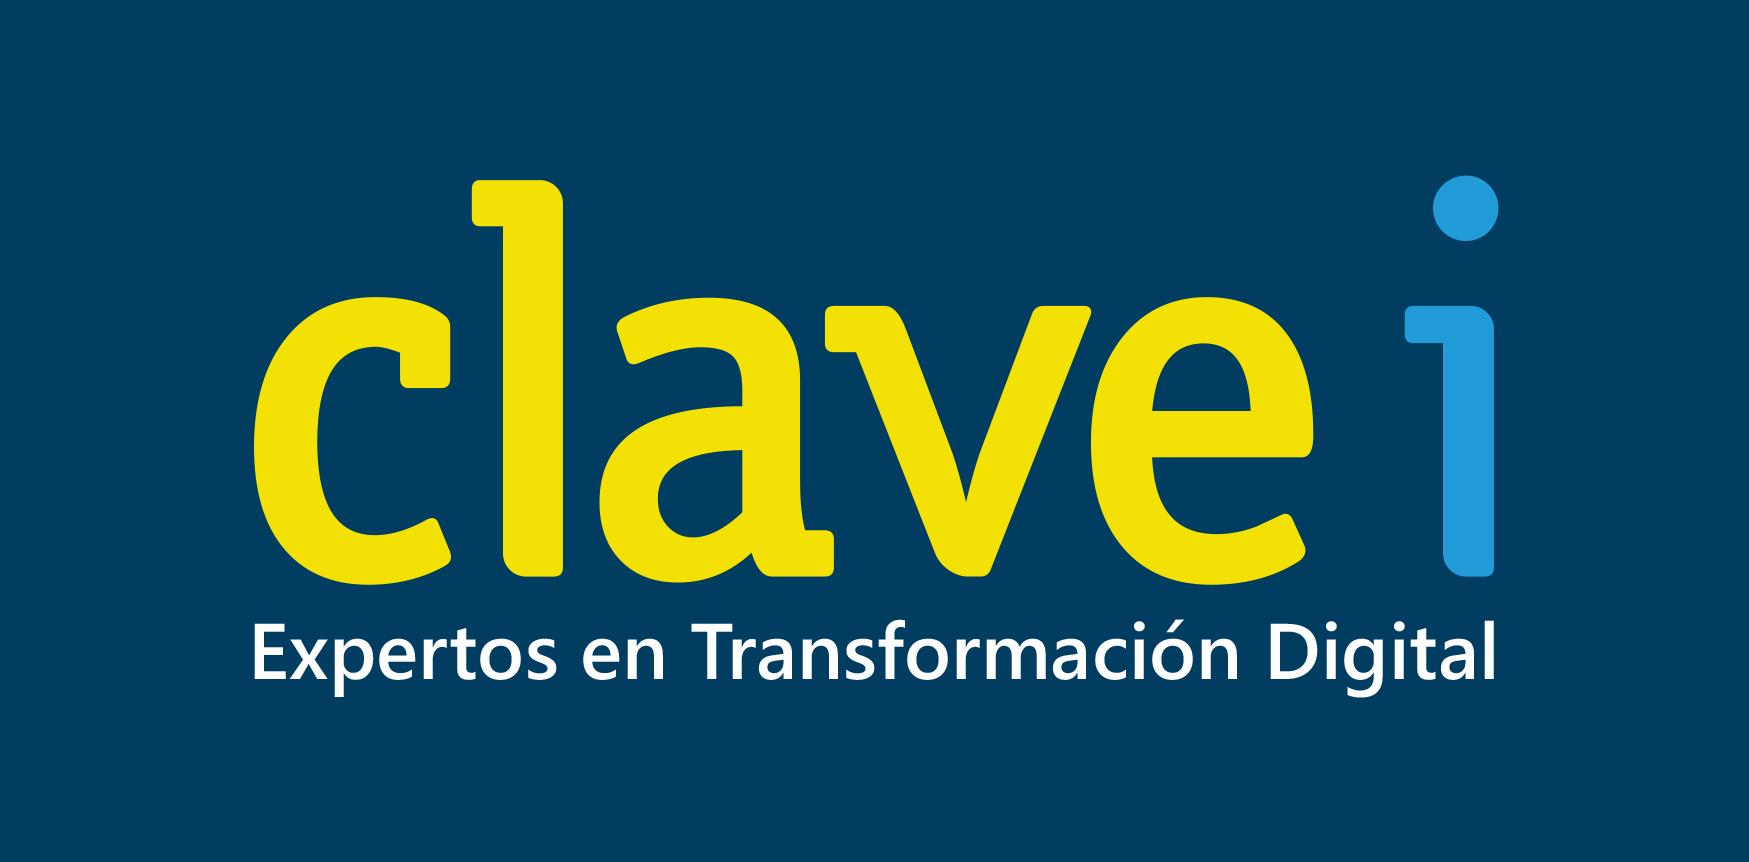 Clavei-Transformacion-Digital